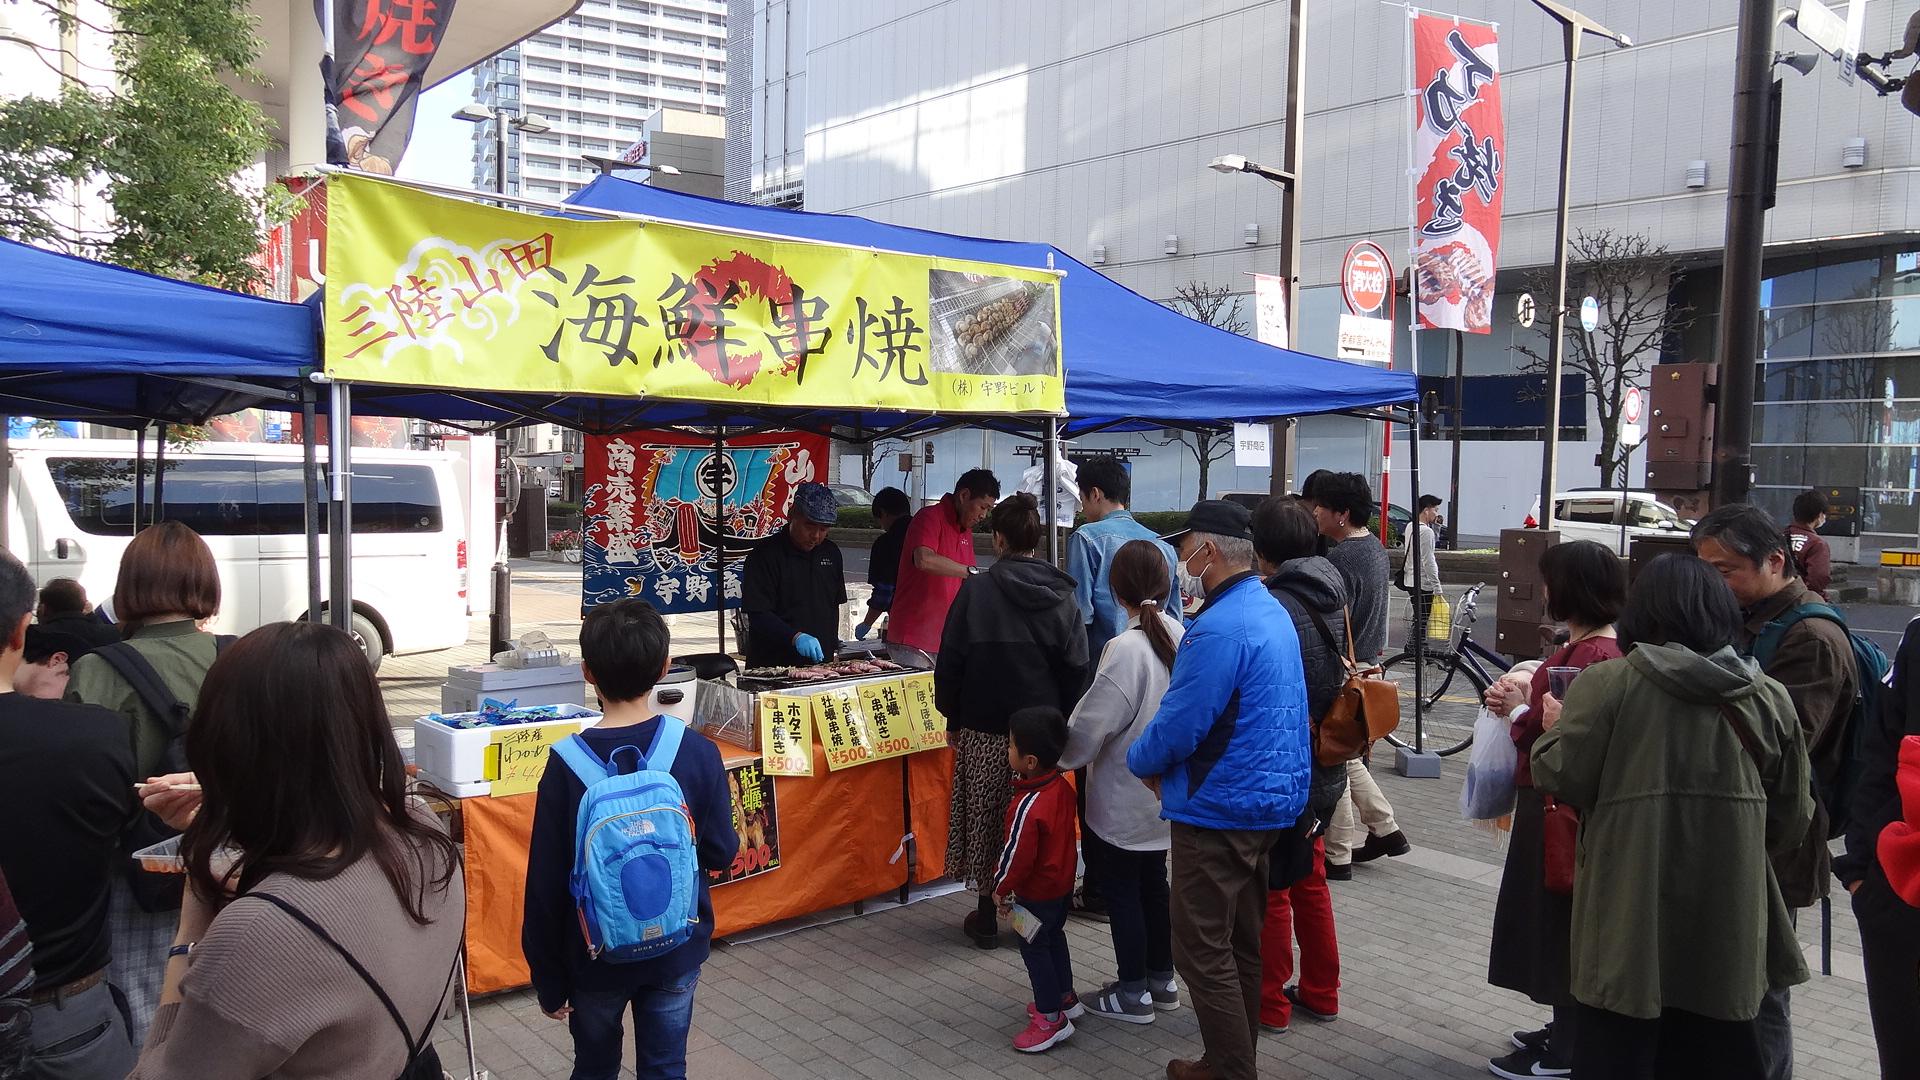 山田町の新鮮な牡蠣ホタテ、つぶ焼きも大盛況